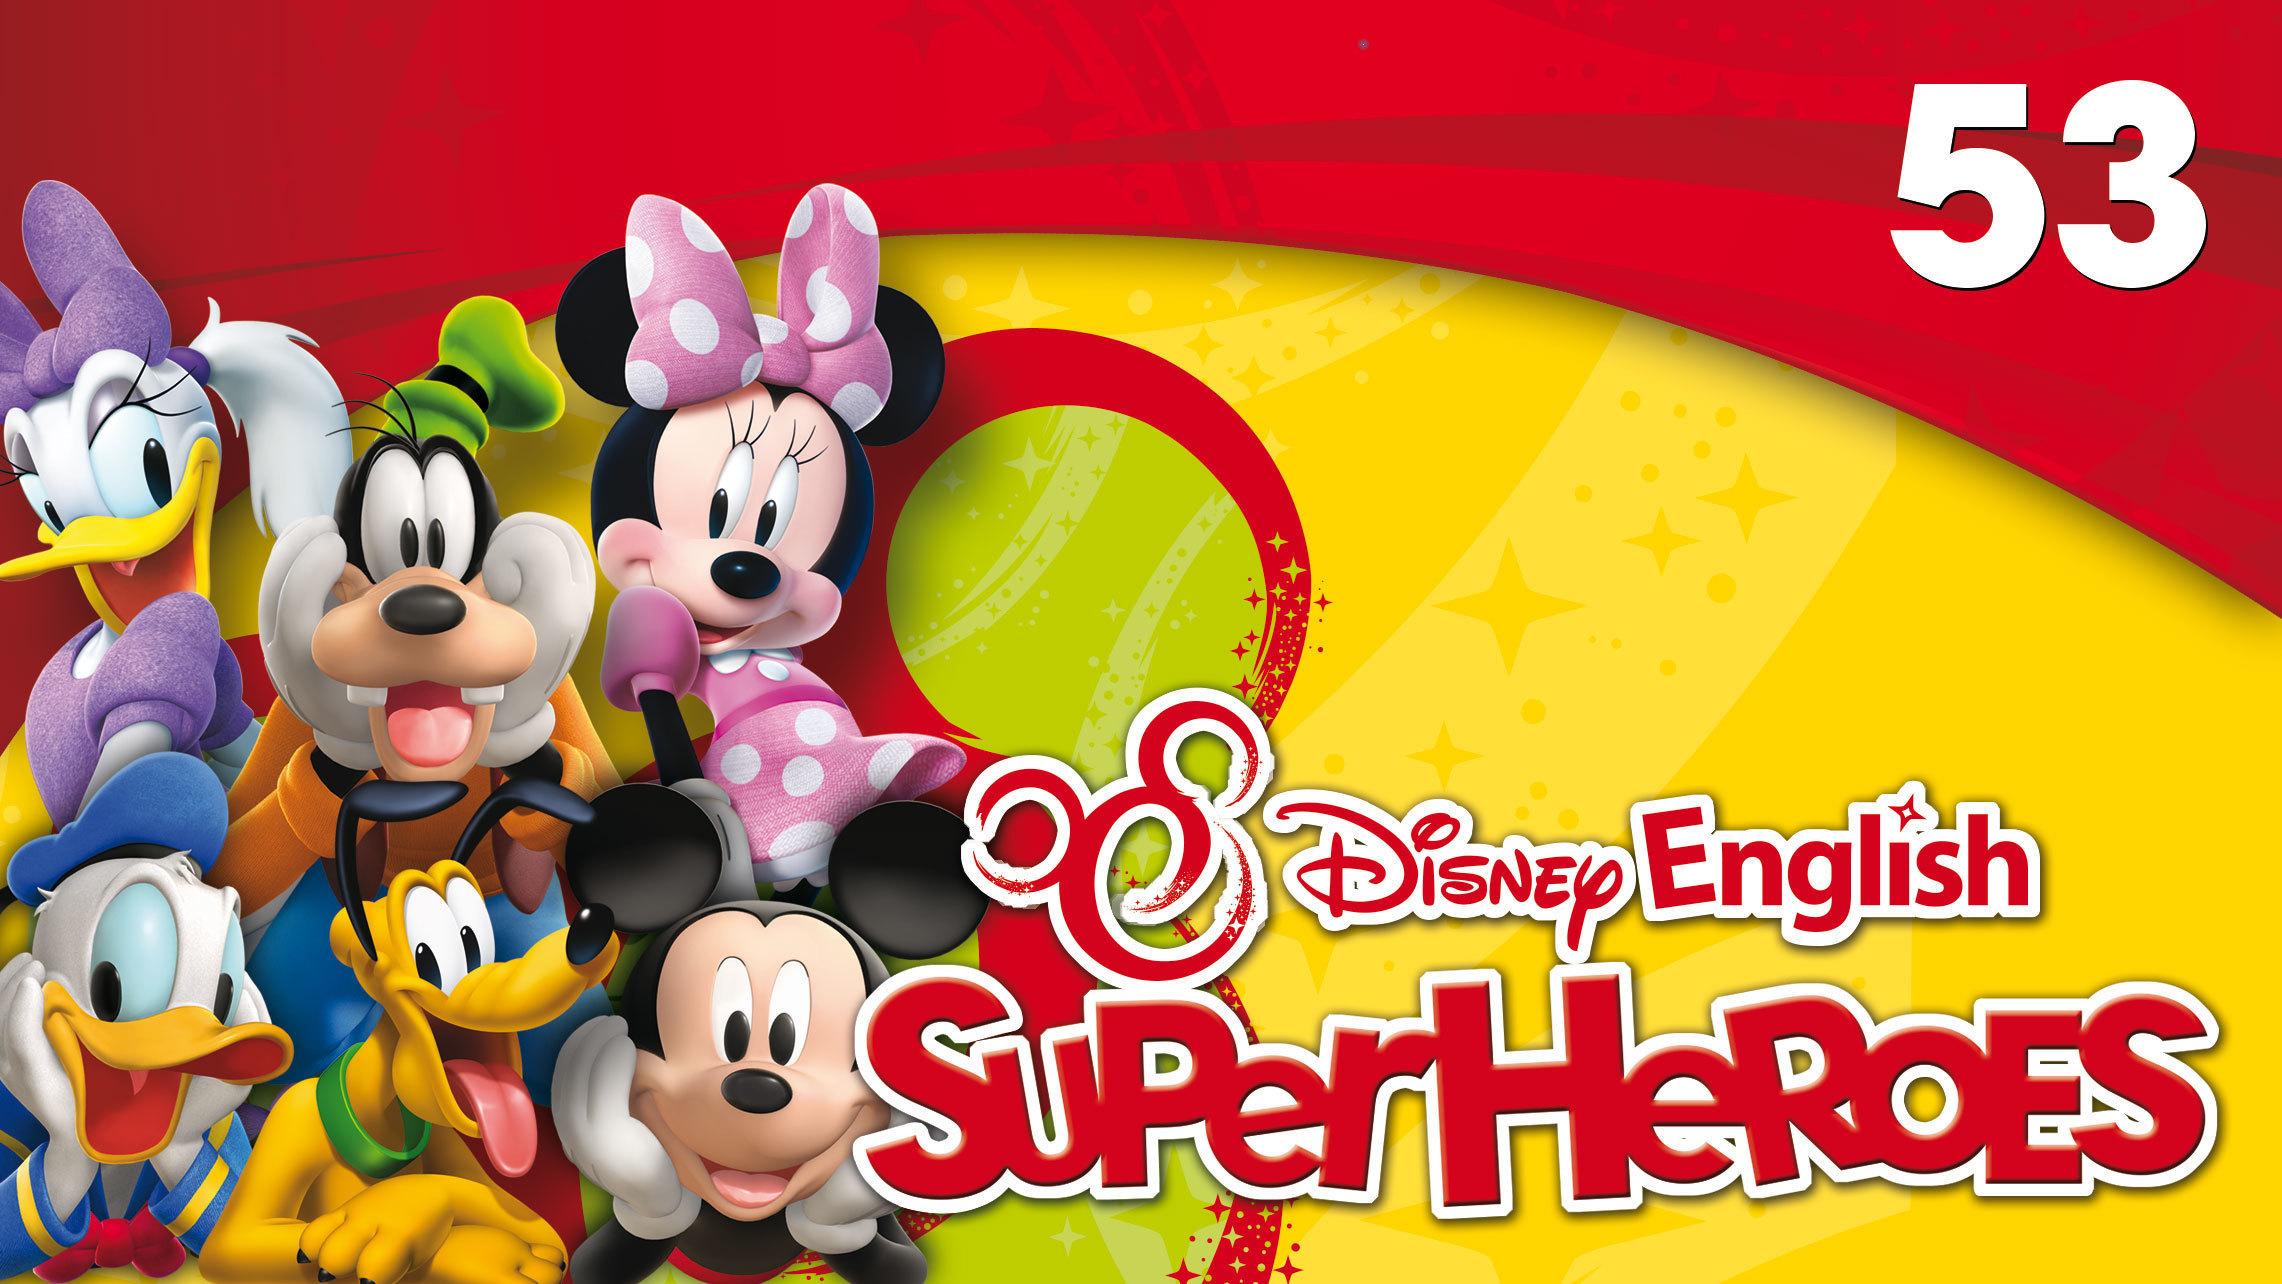 Disney English - Episodio 53